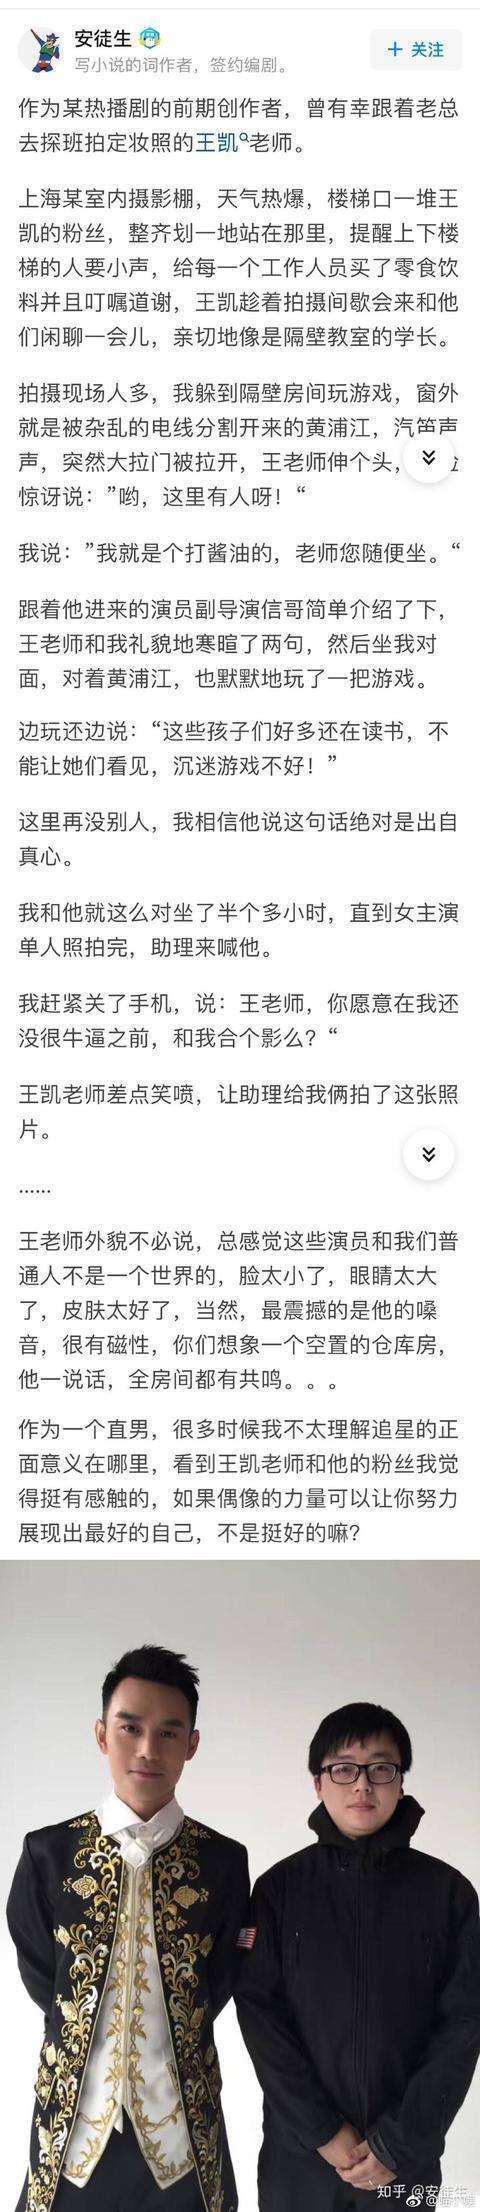 王凱|見過演員王凱真人是怎樣的感覺?